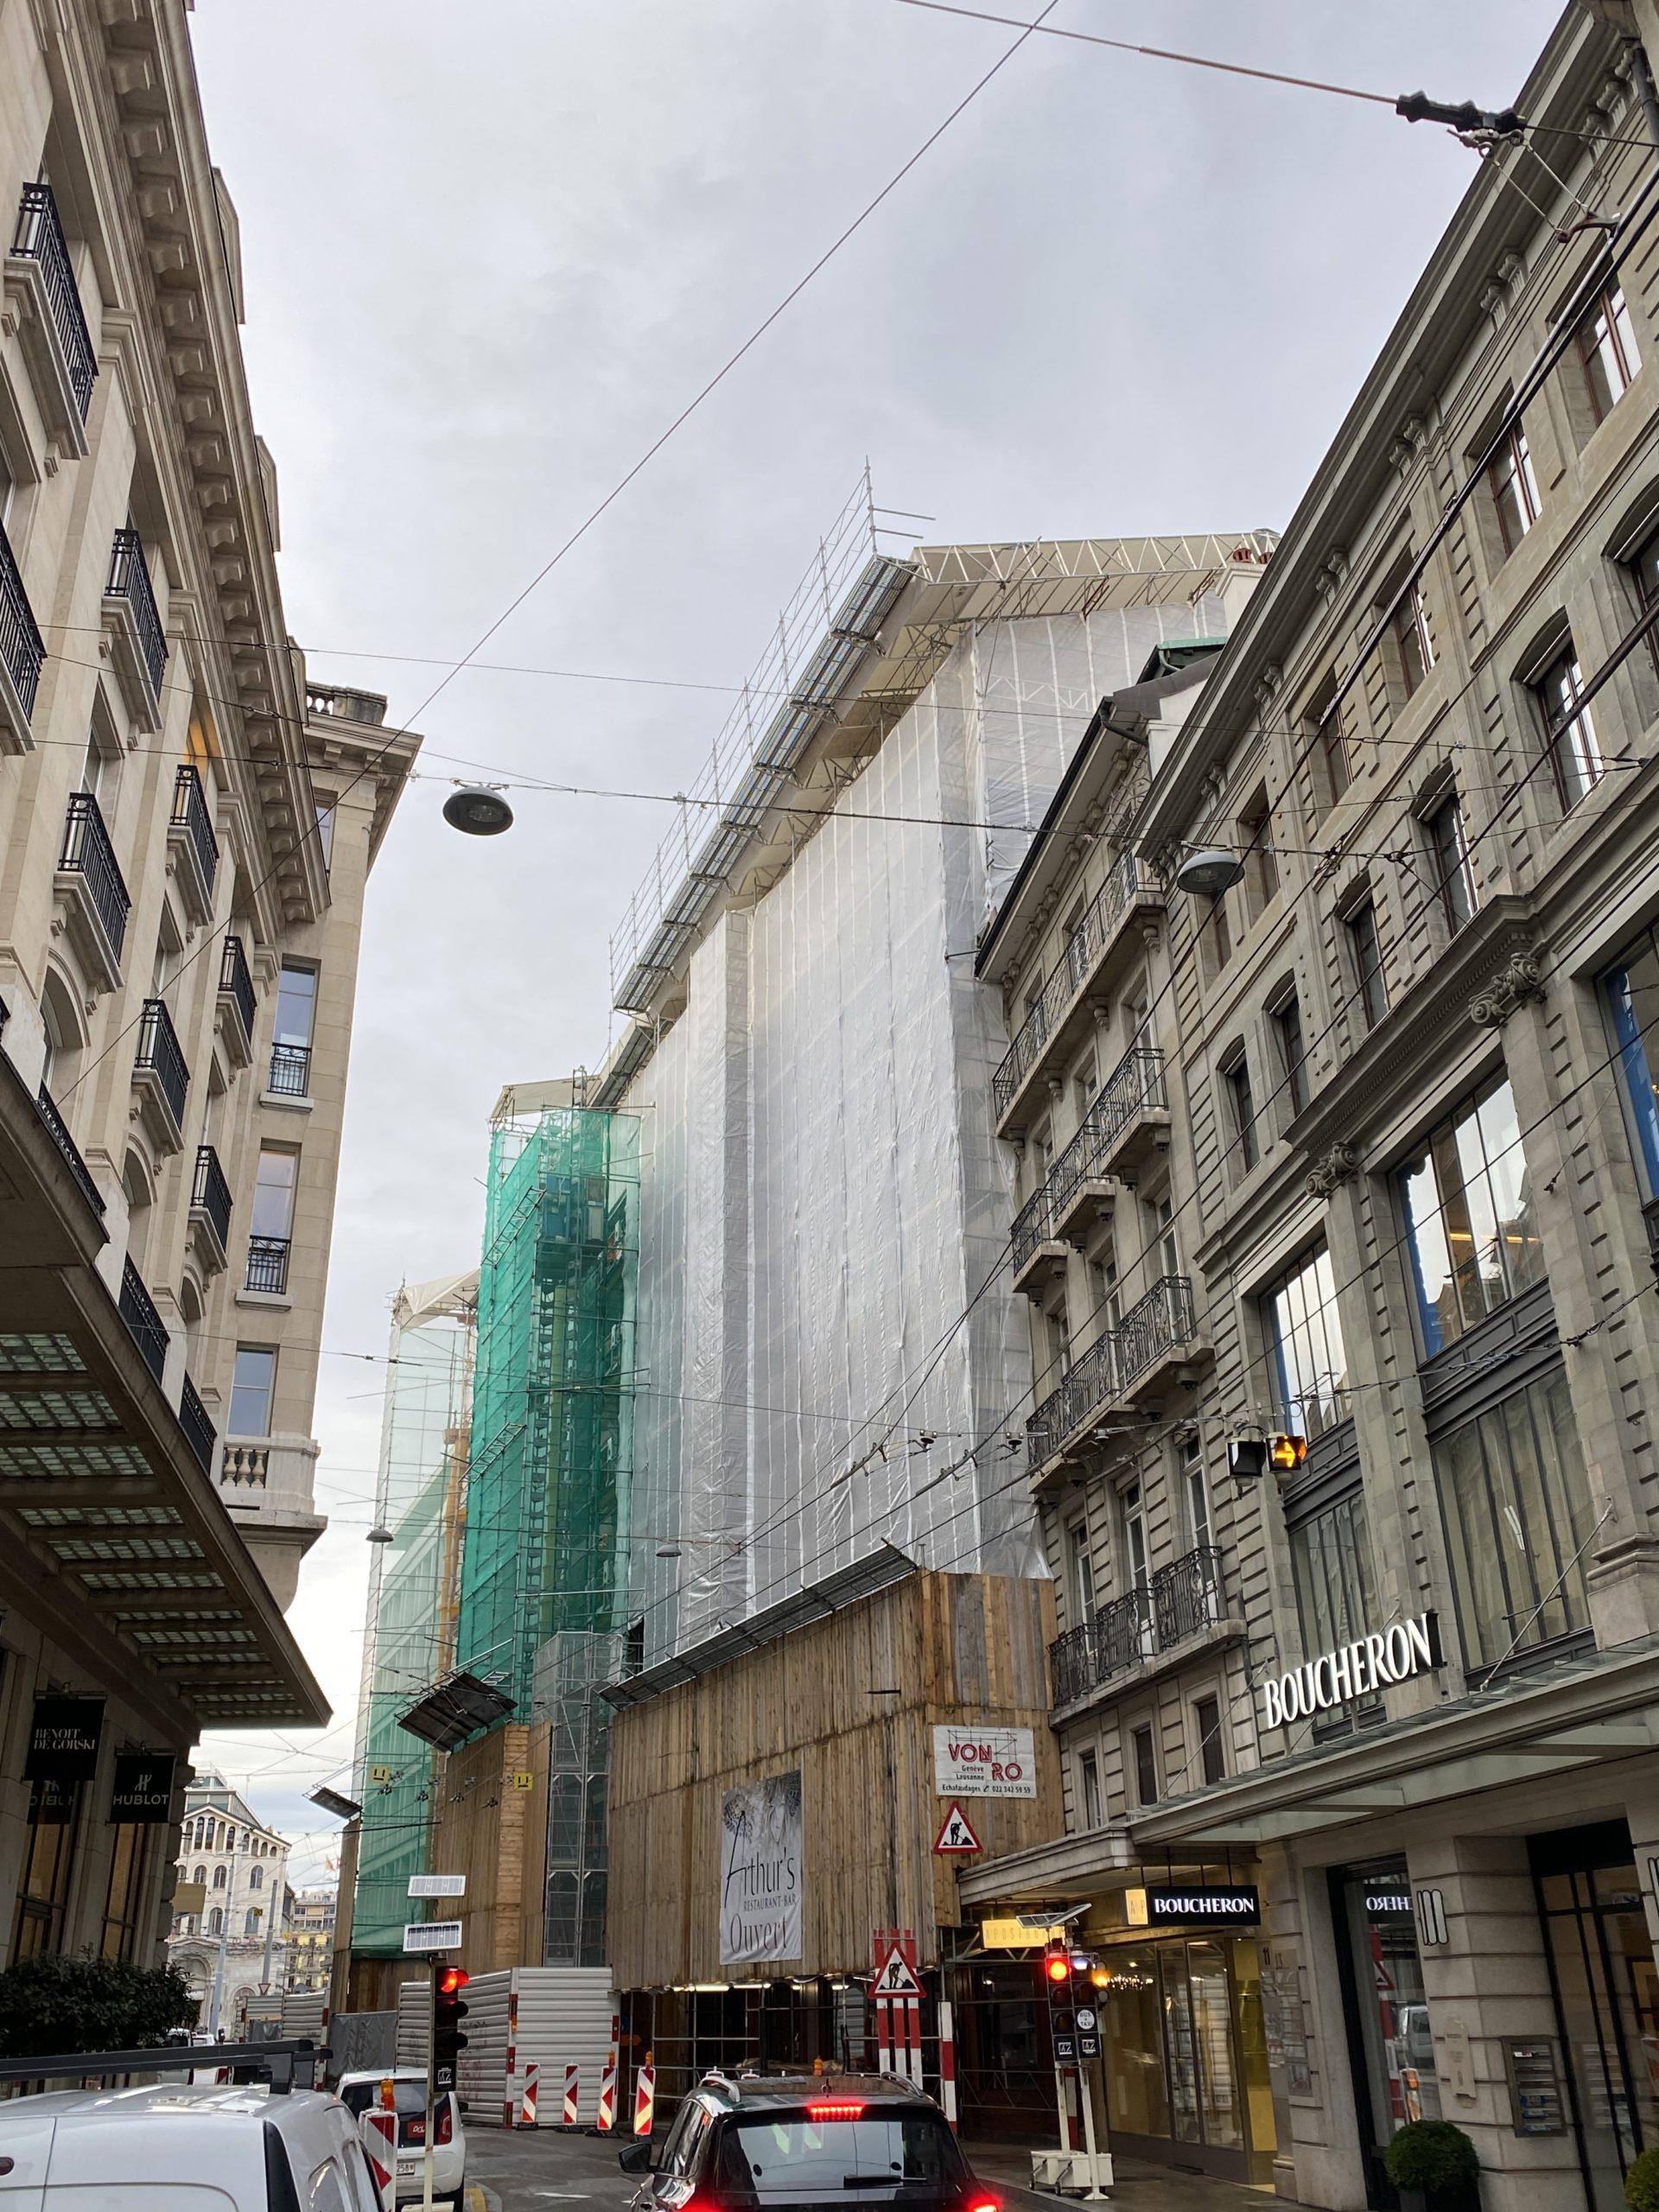 échafaudage équipé de monte-charge et filet anti-poussière pour éviter les désagréments en centre ville